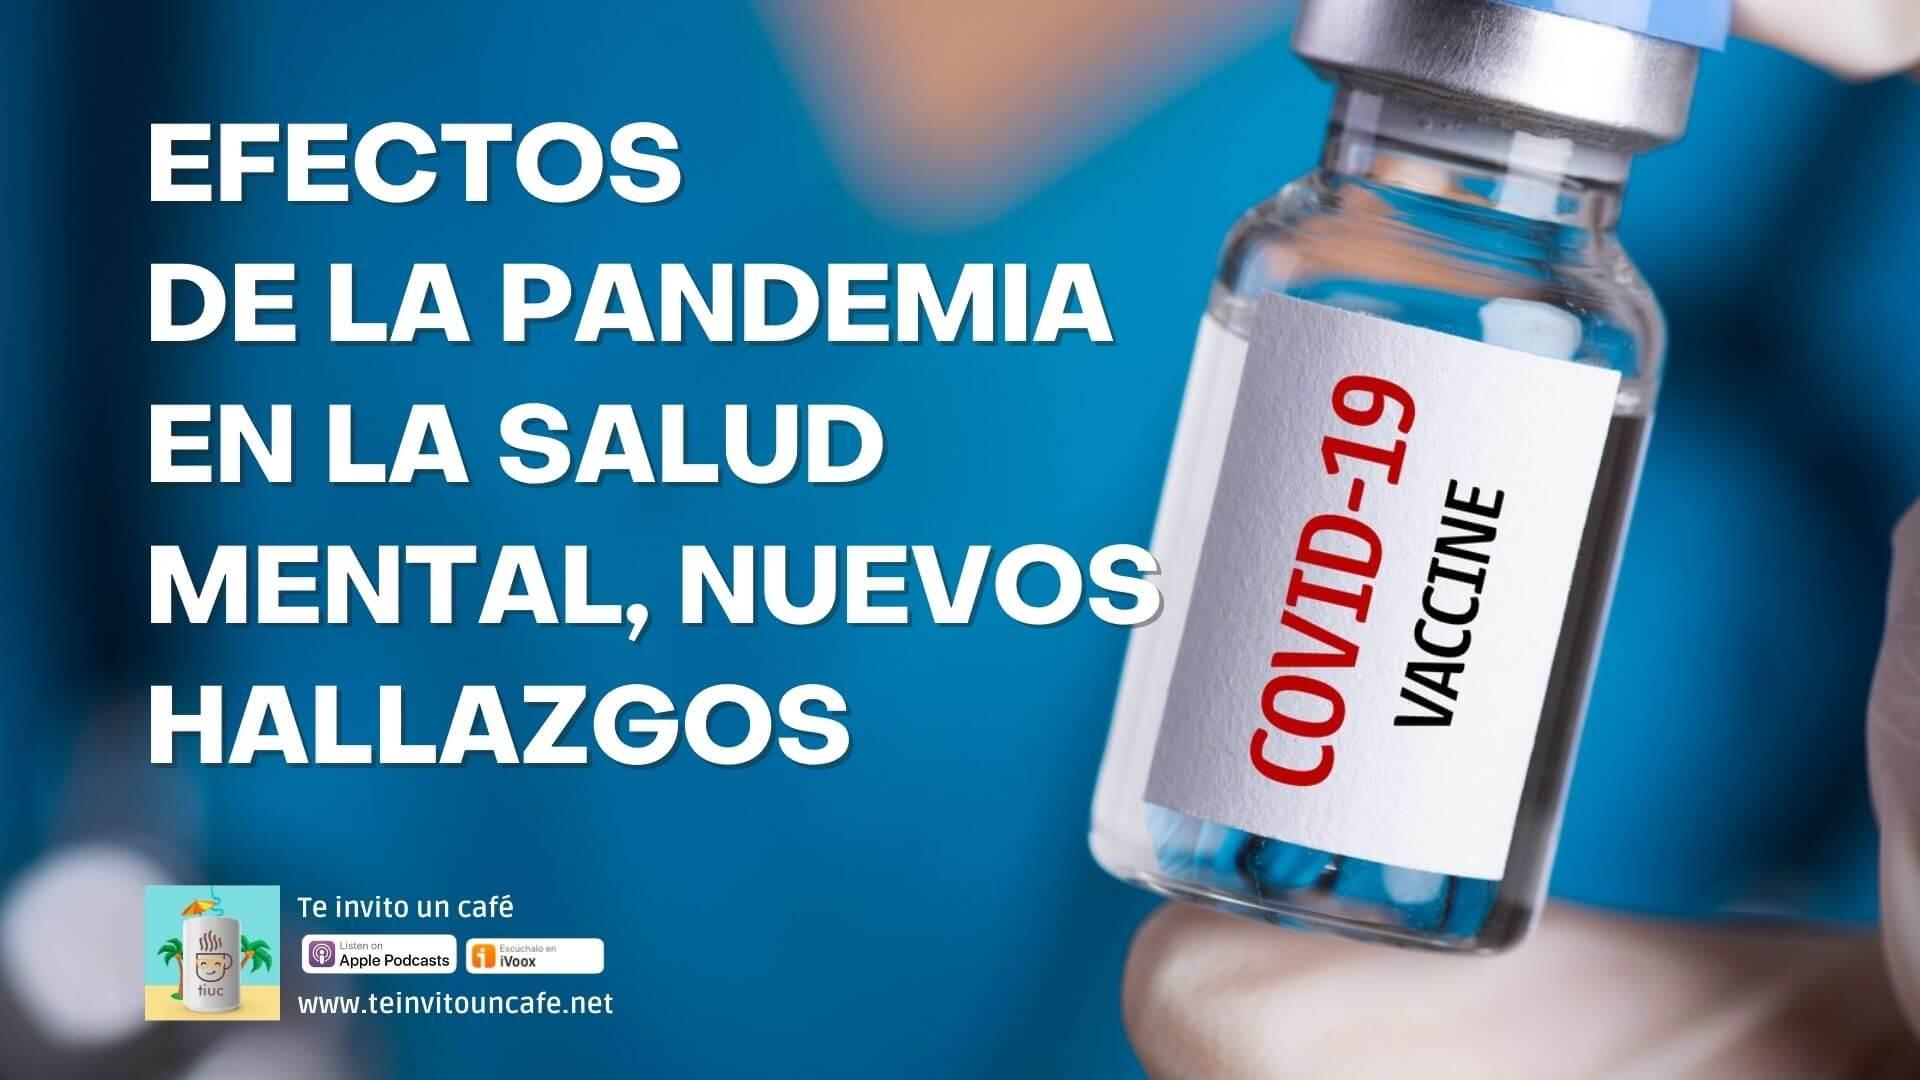 1310. Efectos de la Pandemia en la Salud Mental: Nuevos hallazgos